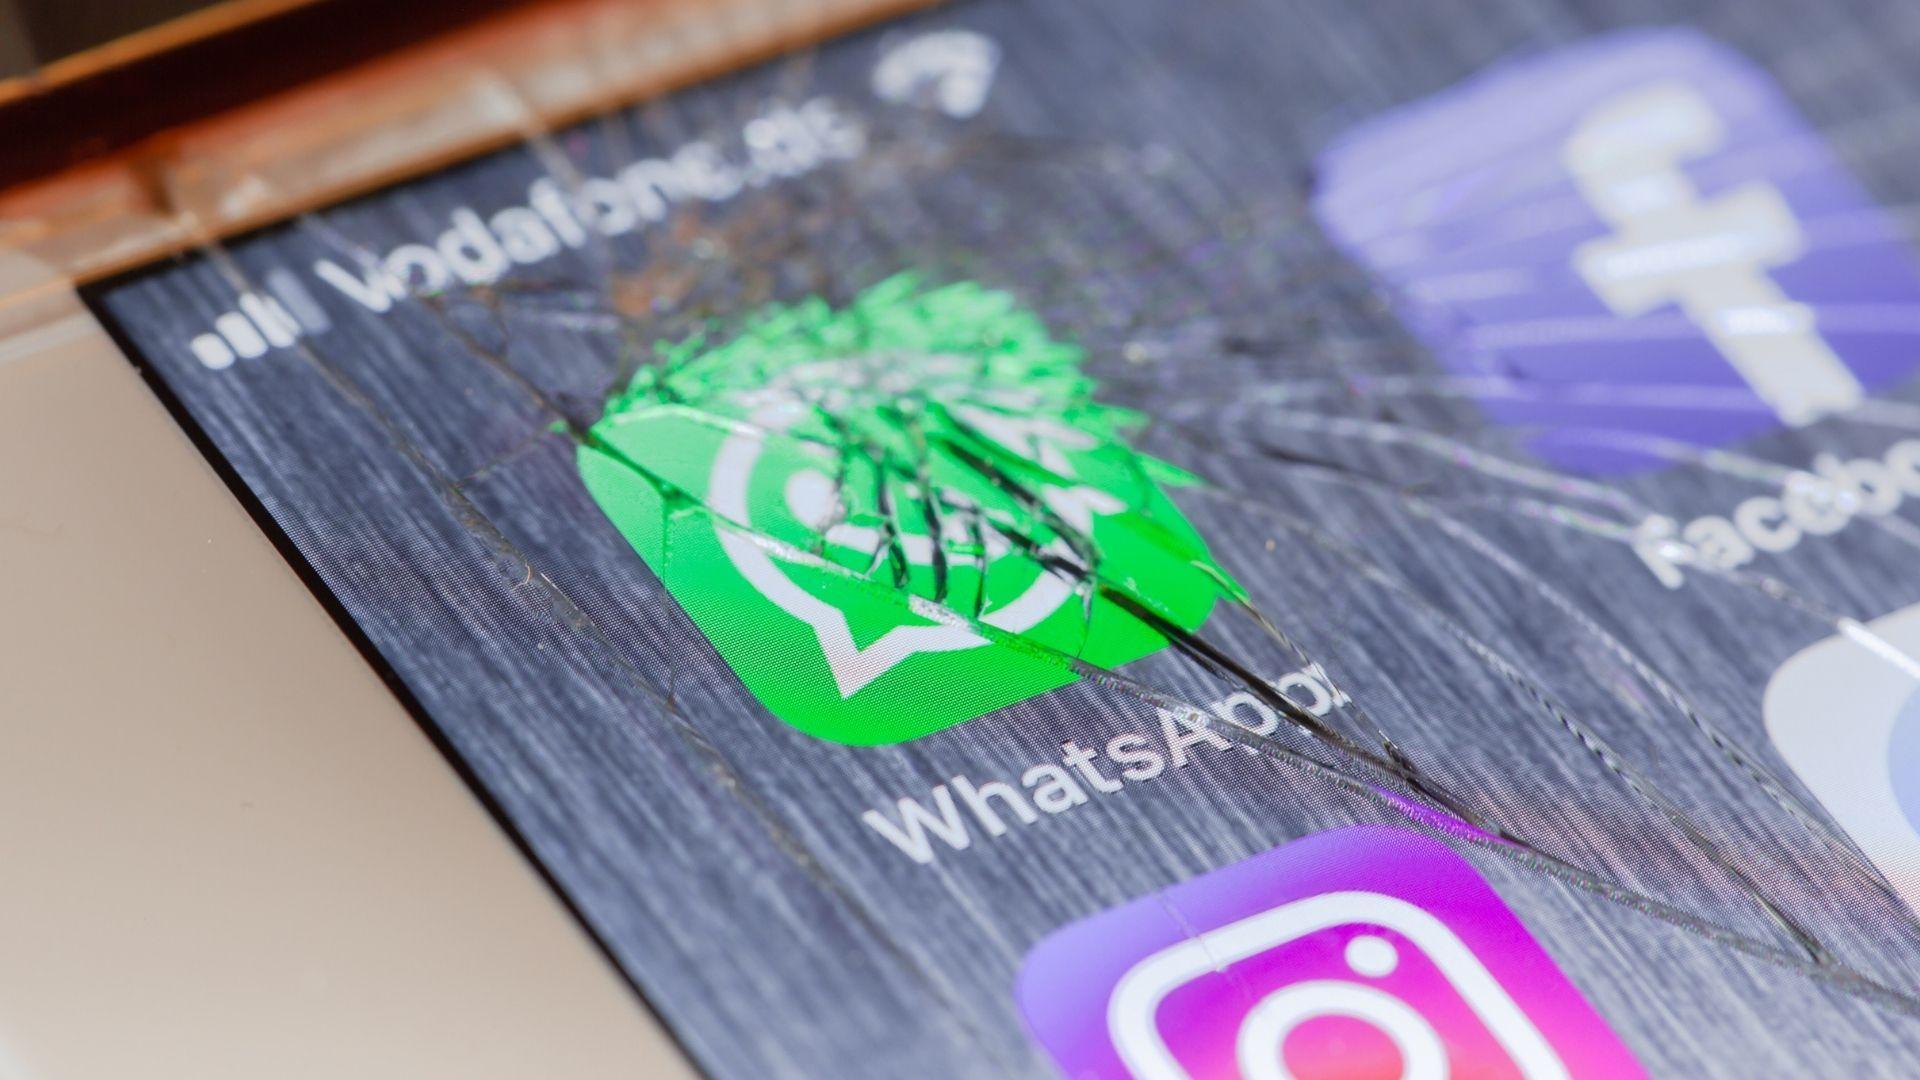 Tela de celular quebrada com ícone do WhatsApp